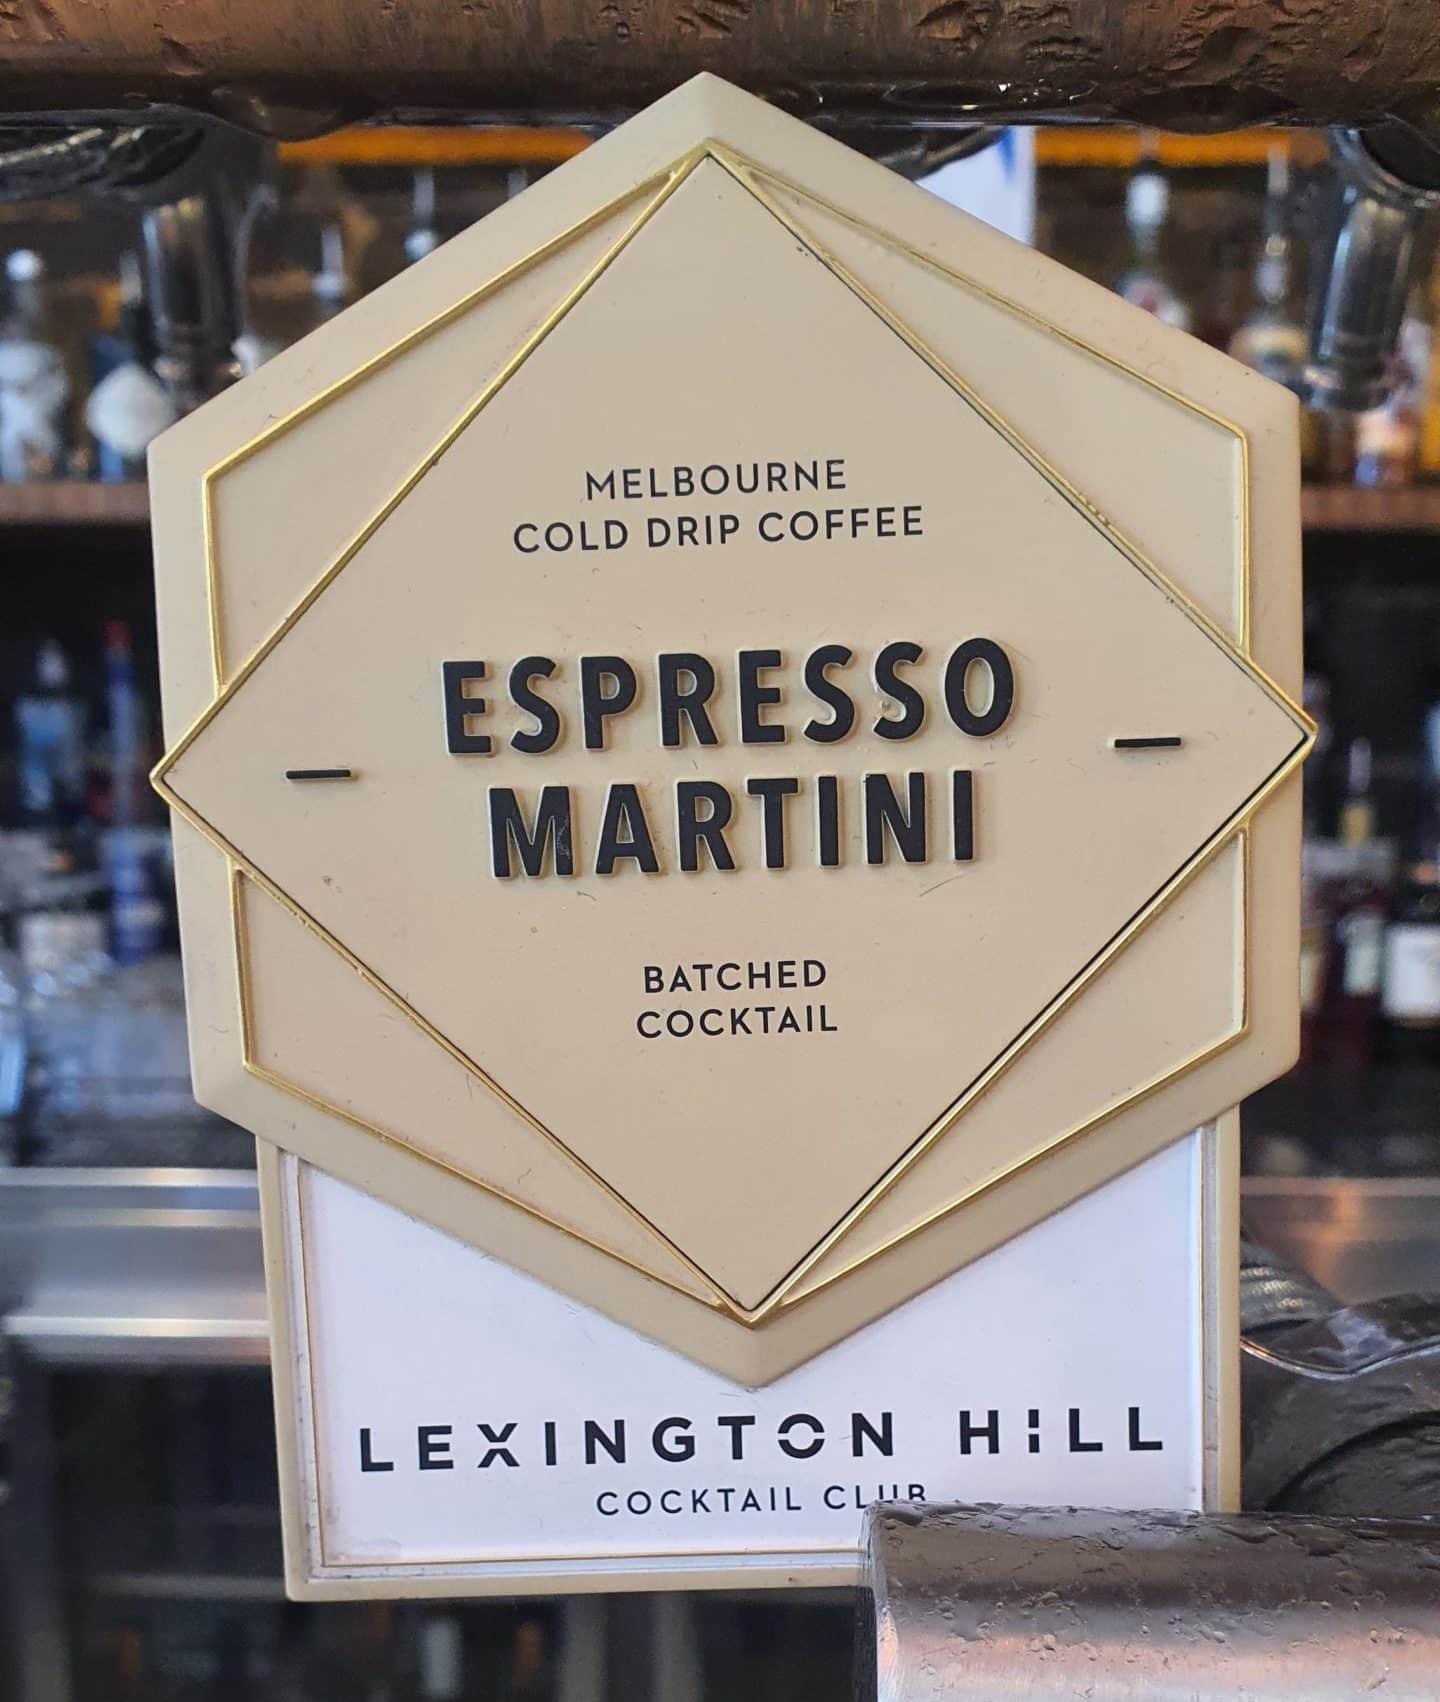 Lexington Hill Espresso Martini